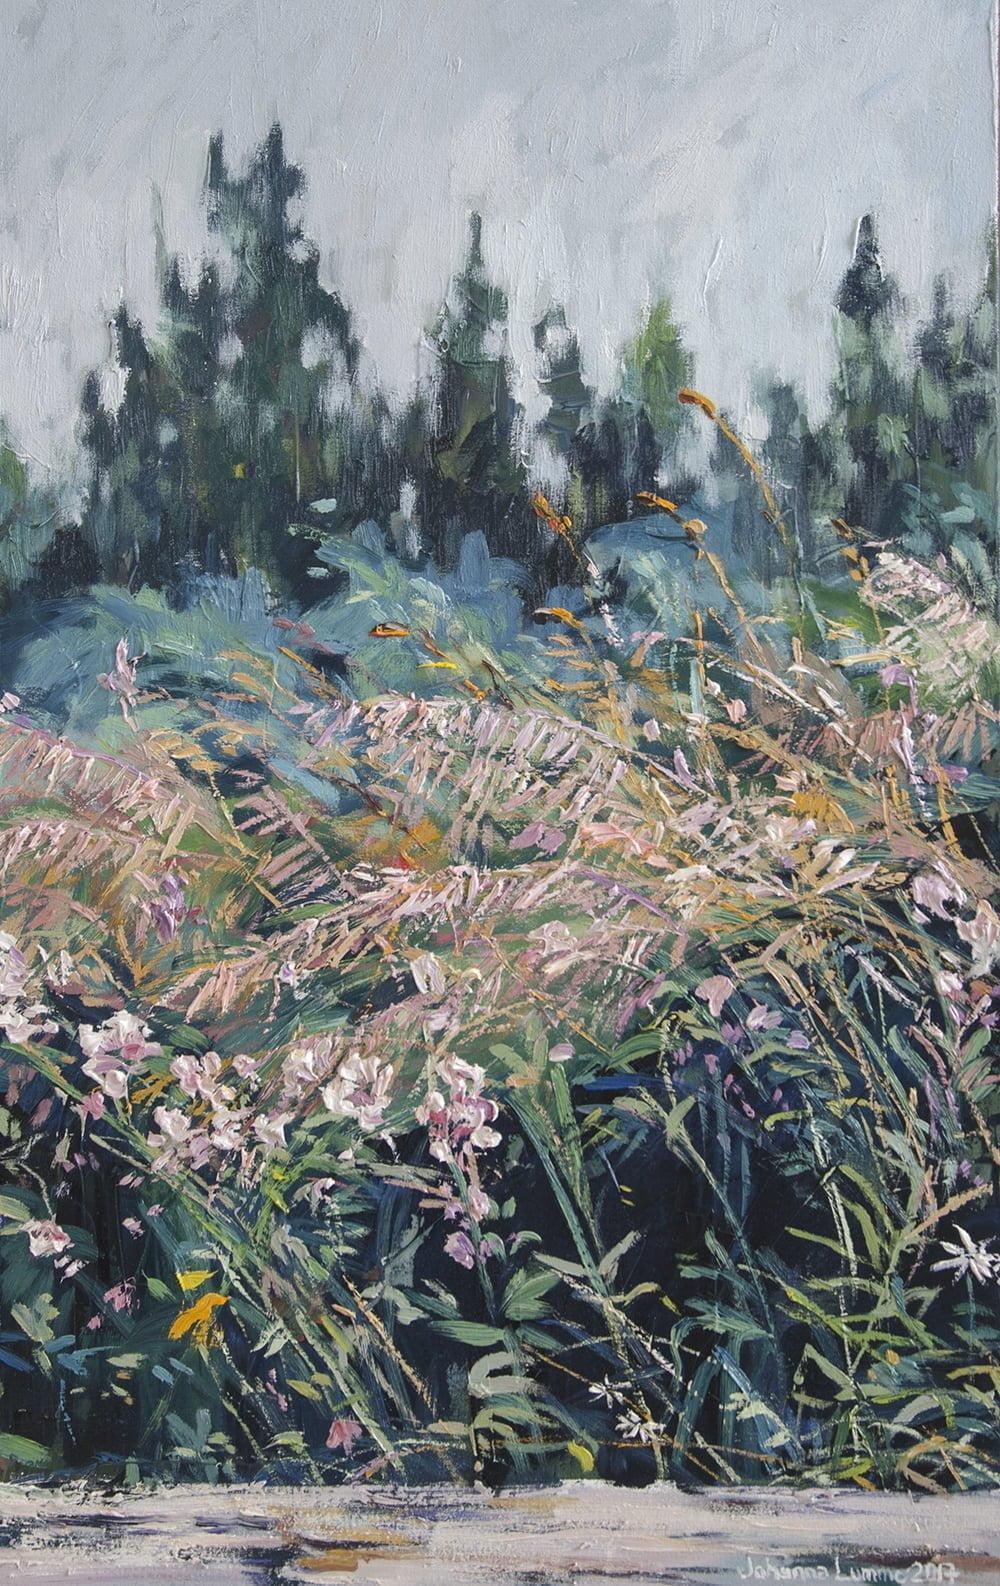 Johanna Lumme, Vapauteen kurkottavat, 40 x 50 cm, 2017, 1300 €, SOLD